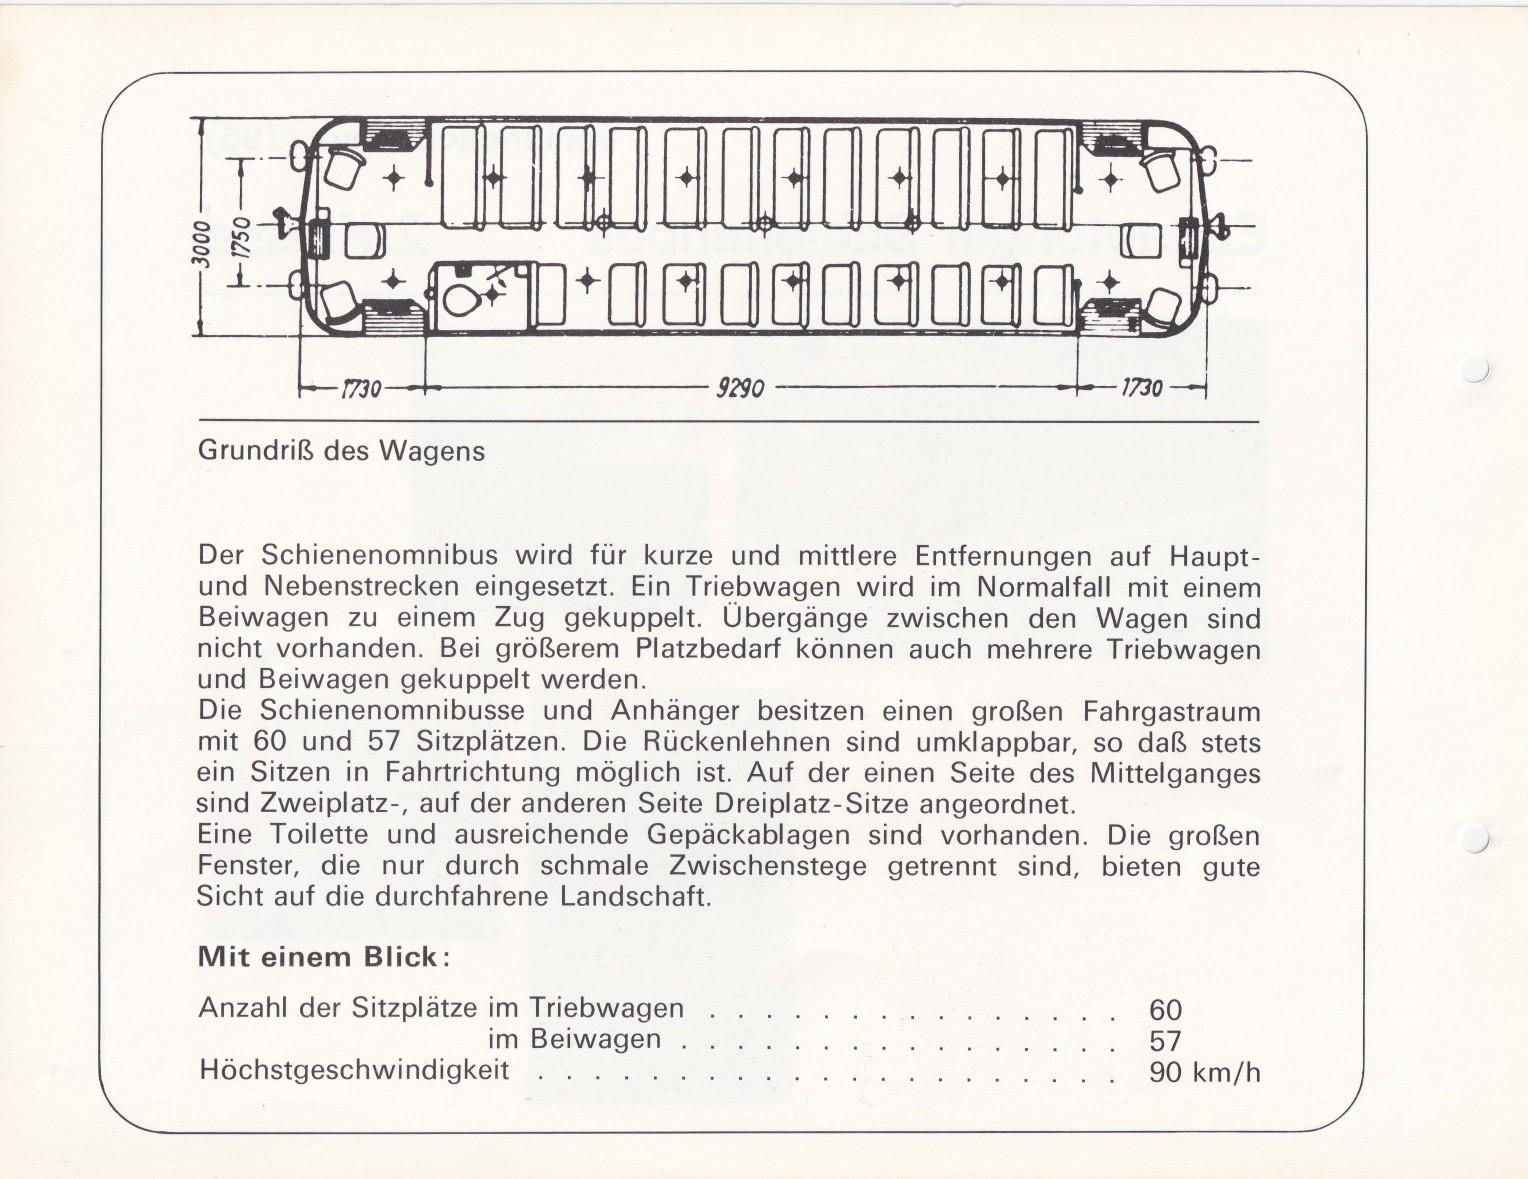 https://www.nullclub.de/hifo/Fahrzeuglexikon/Wagen47b.jpg